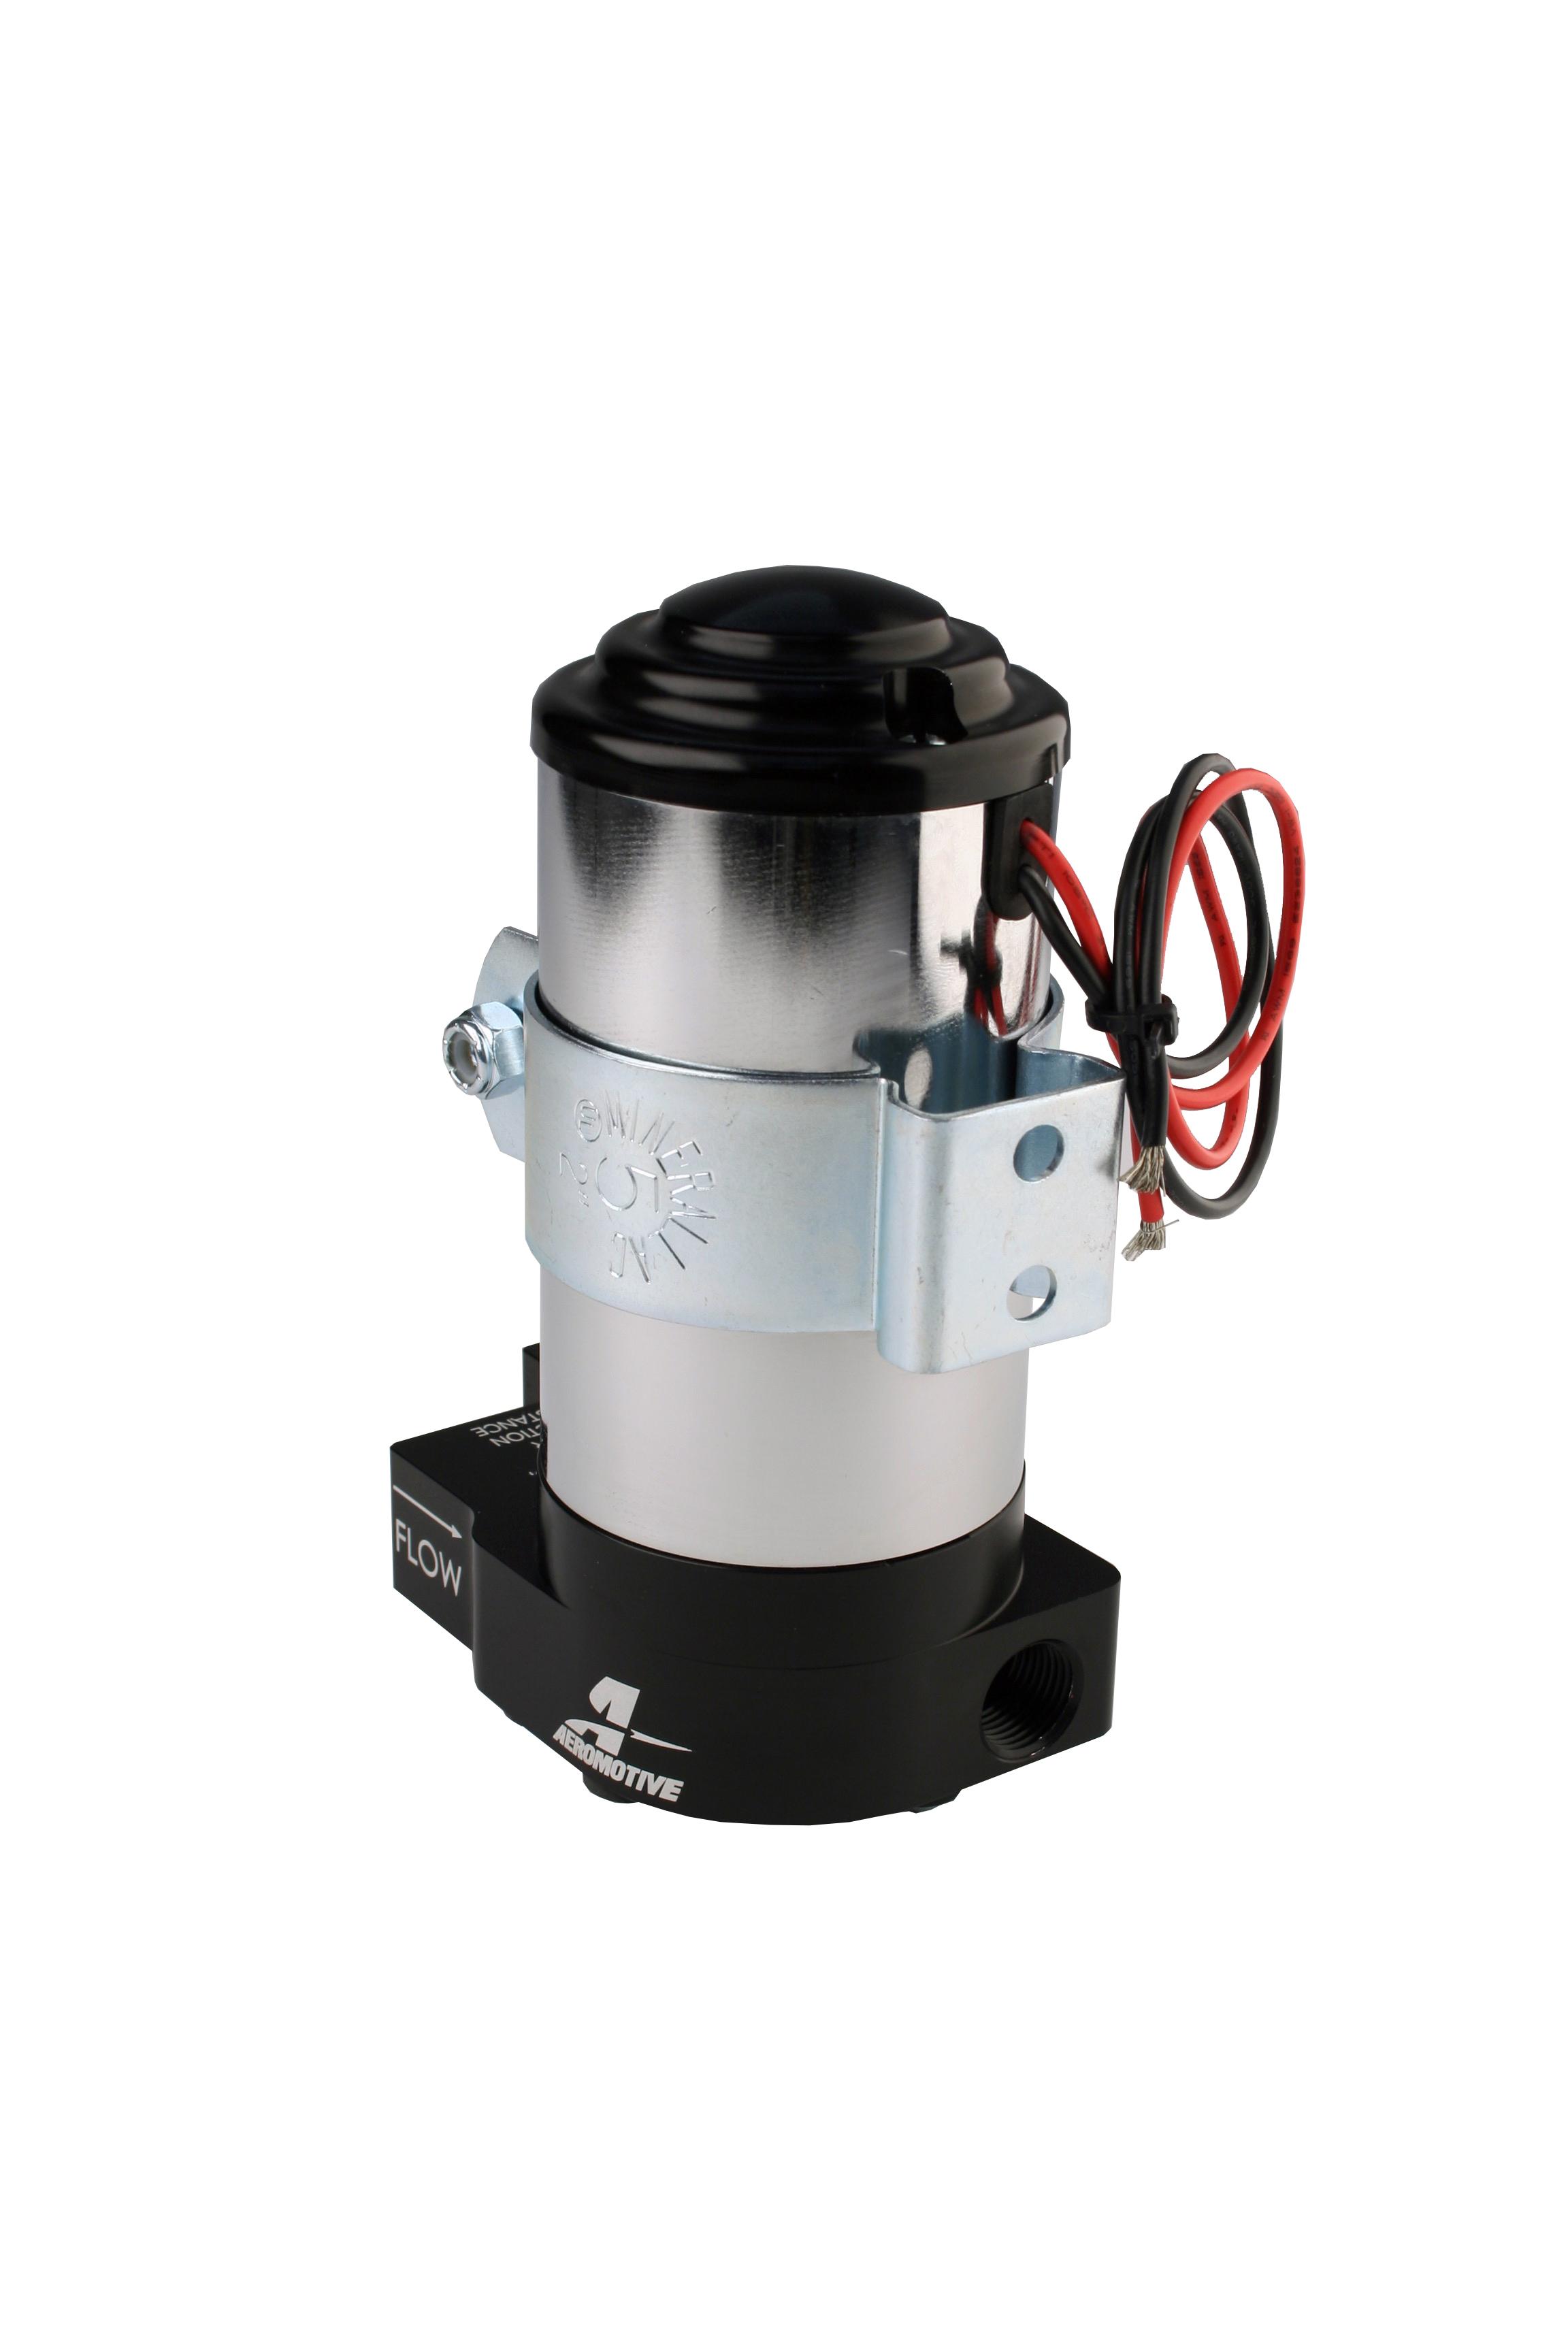 E85 Flex Fuel >> Marine Carbureted H/O Fuel Pump – Aeromotive, Inc